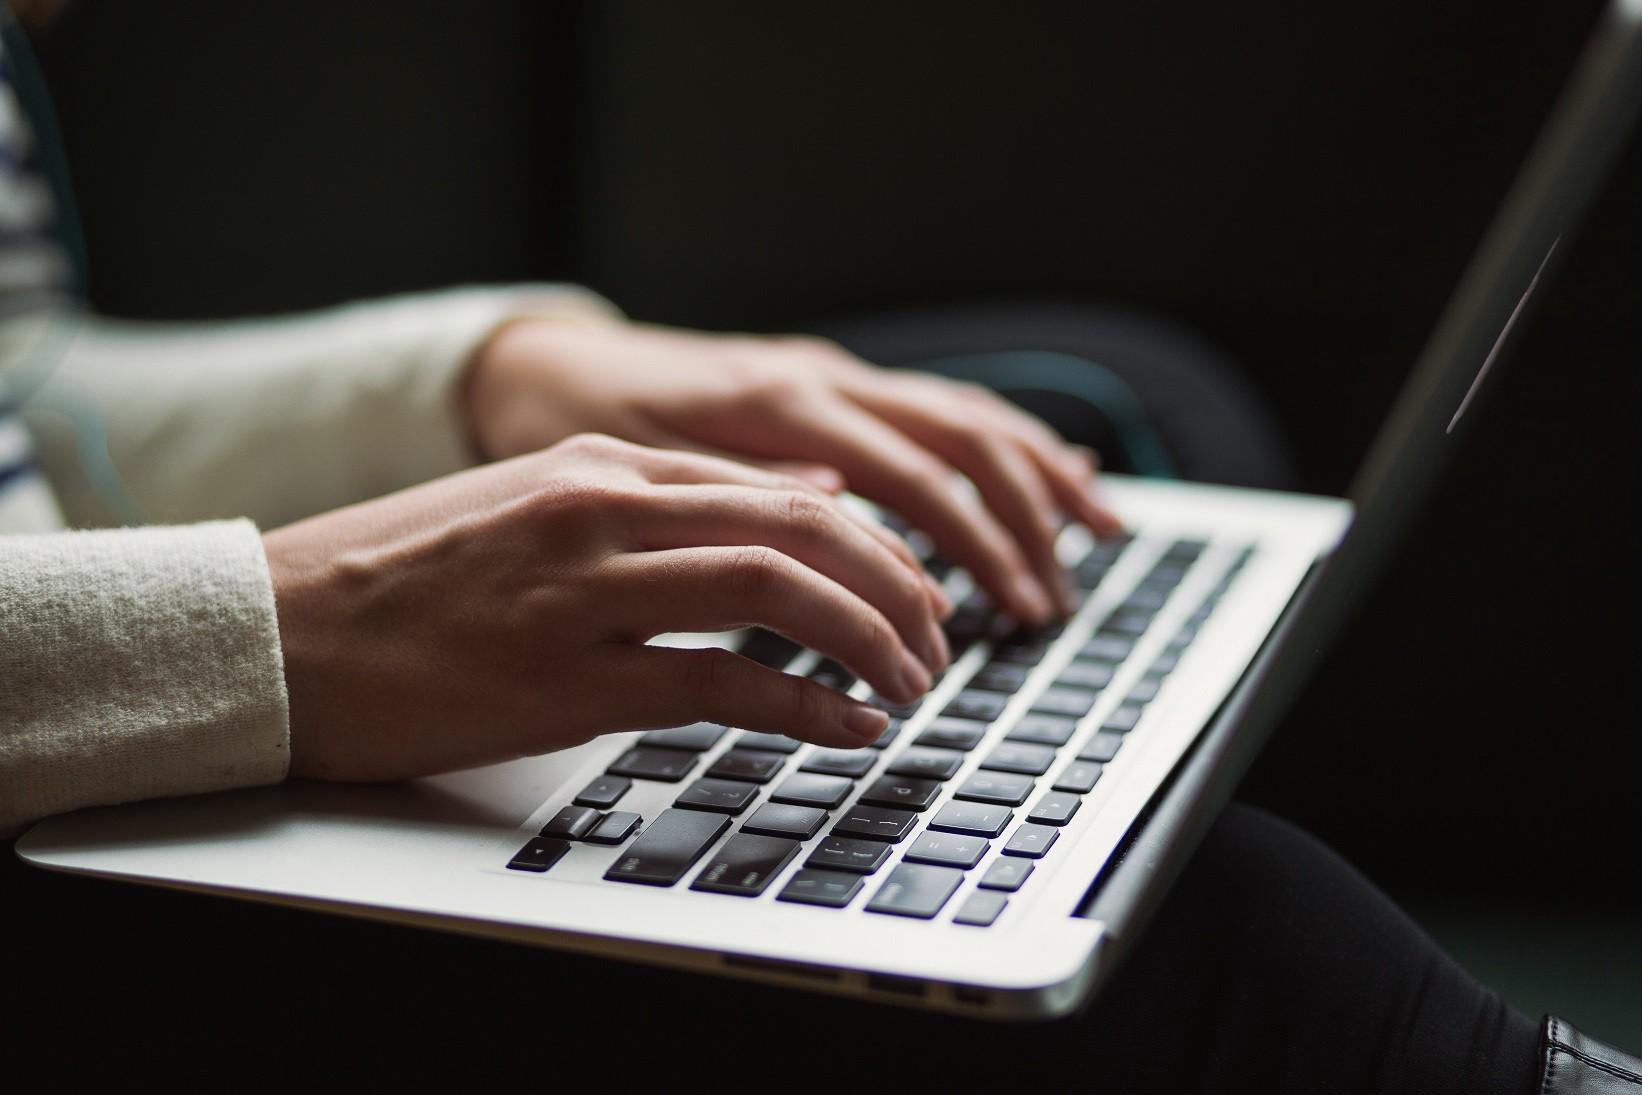 Cara Menulis Artikel dengan Baik dan Menarik